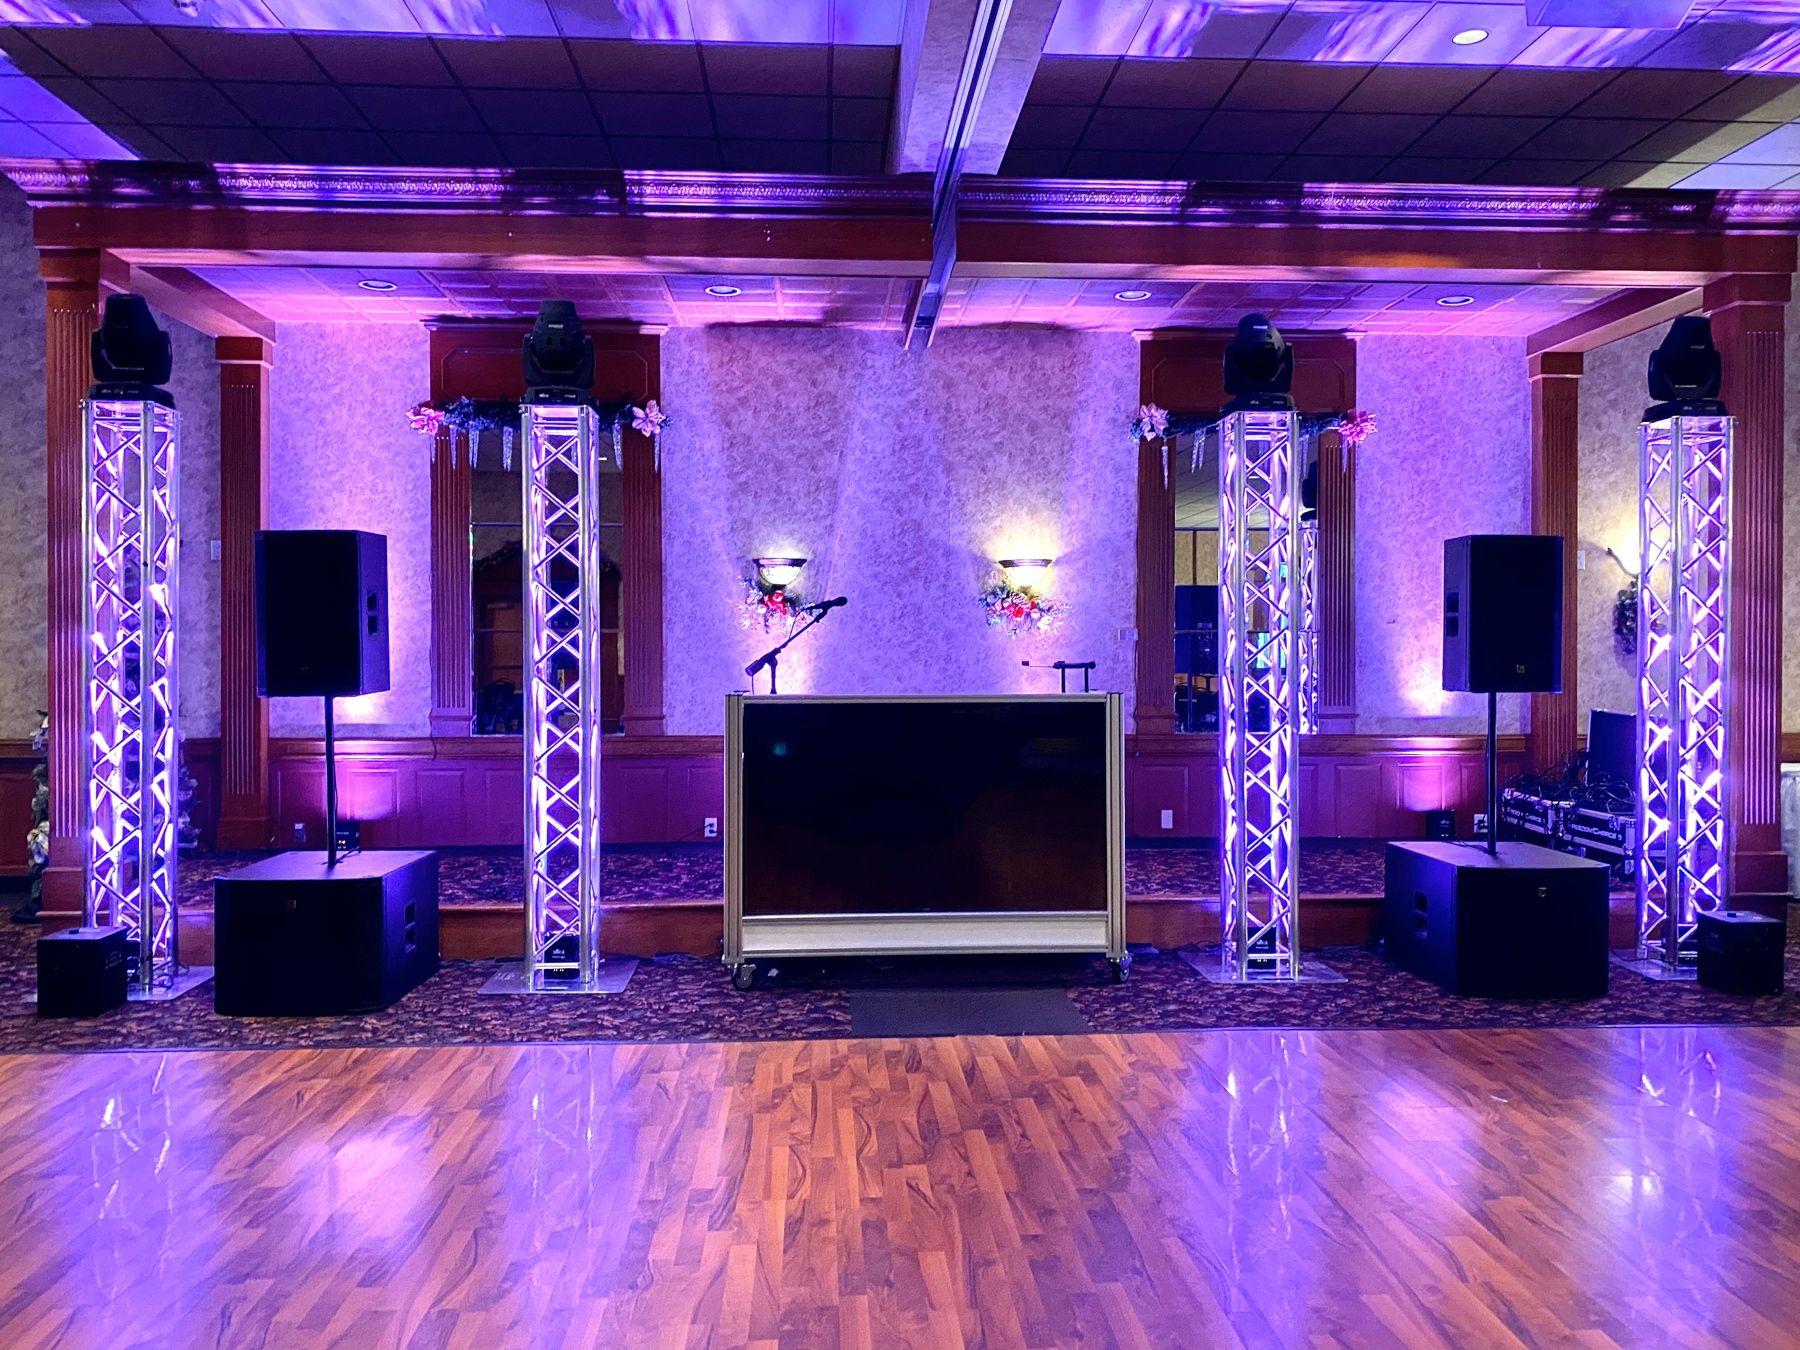 Premium Dj Setup Dj Setup Wedding Dj Setup Wedding Dj